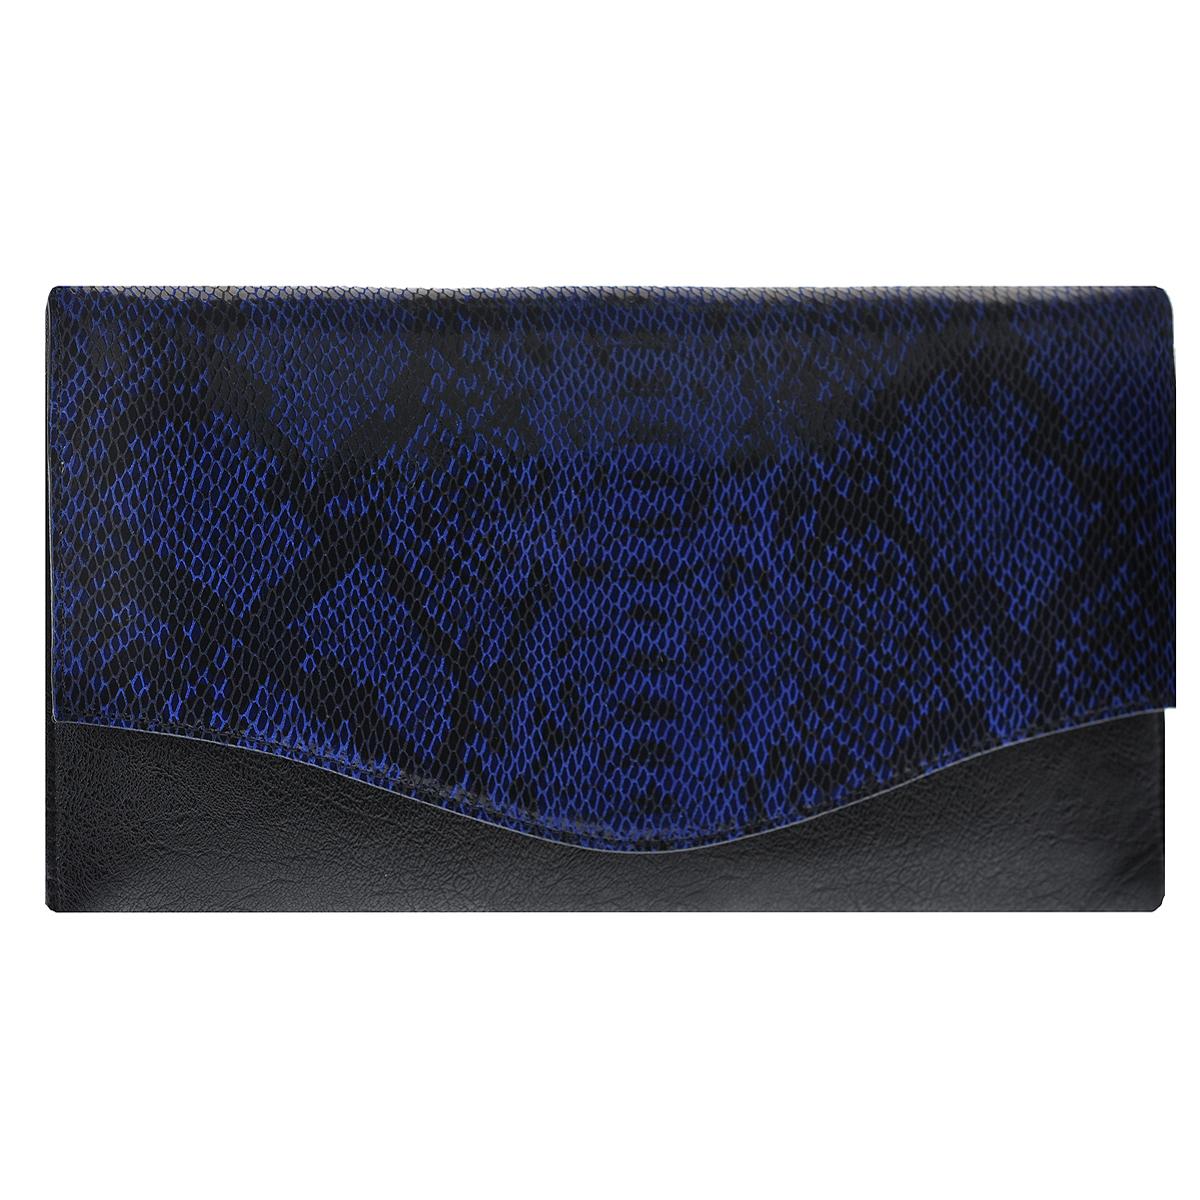 Сумка женская Fancy bag, цвет: черный, синий. 8815В-60205065-001Стильная сумка Fancy bag выполнена из искусственной кожи черного цвета и декорирована тиснением под рептилию. Сумка имеет одно отделения, закрывающихся клапаном на две магнитные кнопки. Внутри расположен вшитый карман на застежке-молнии и два накладных кармана для мелочей. В комплекте чехол для хранения и съемный плечевой ремень.Этот стильный аксессуар станет великолепным дополнением вашего образа. Характеристики: Материал: натуральная кожа, текстиль, металл. Размер сумки: 32 см х 16 см х 3 см. Высота ручек: 99 см. Цвет: черный, синий. Артикул: 8815В-60.